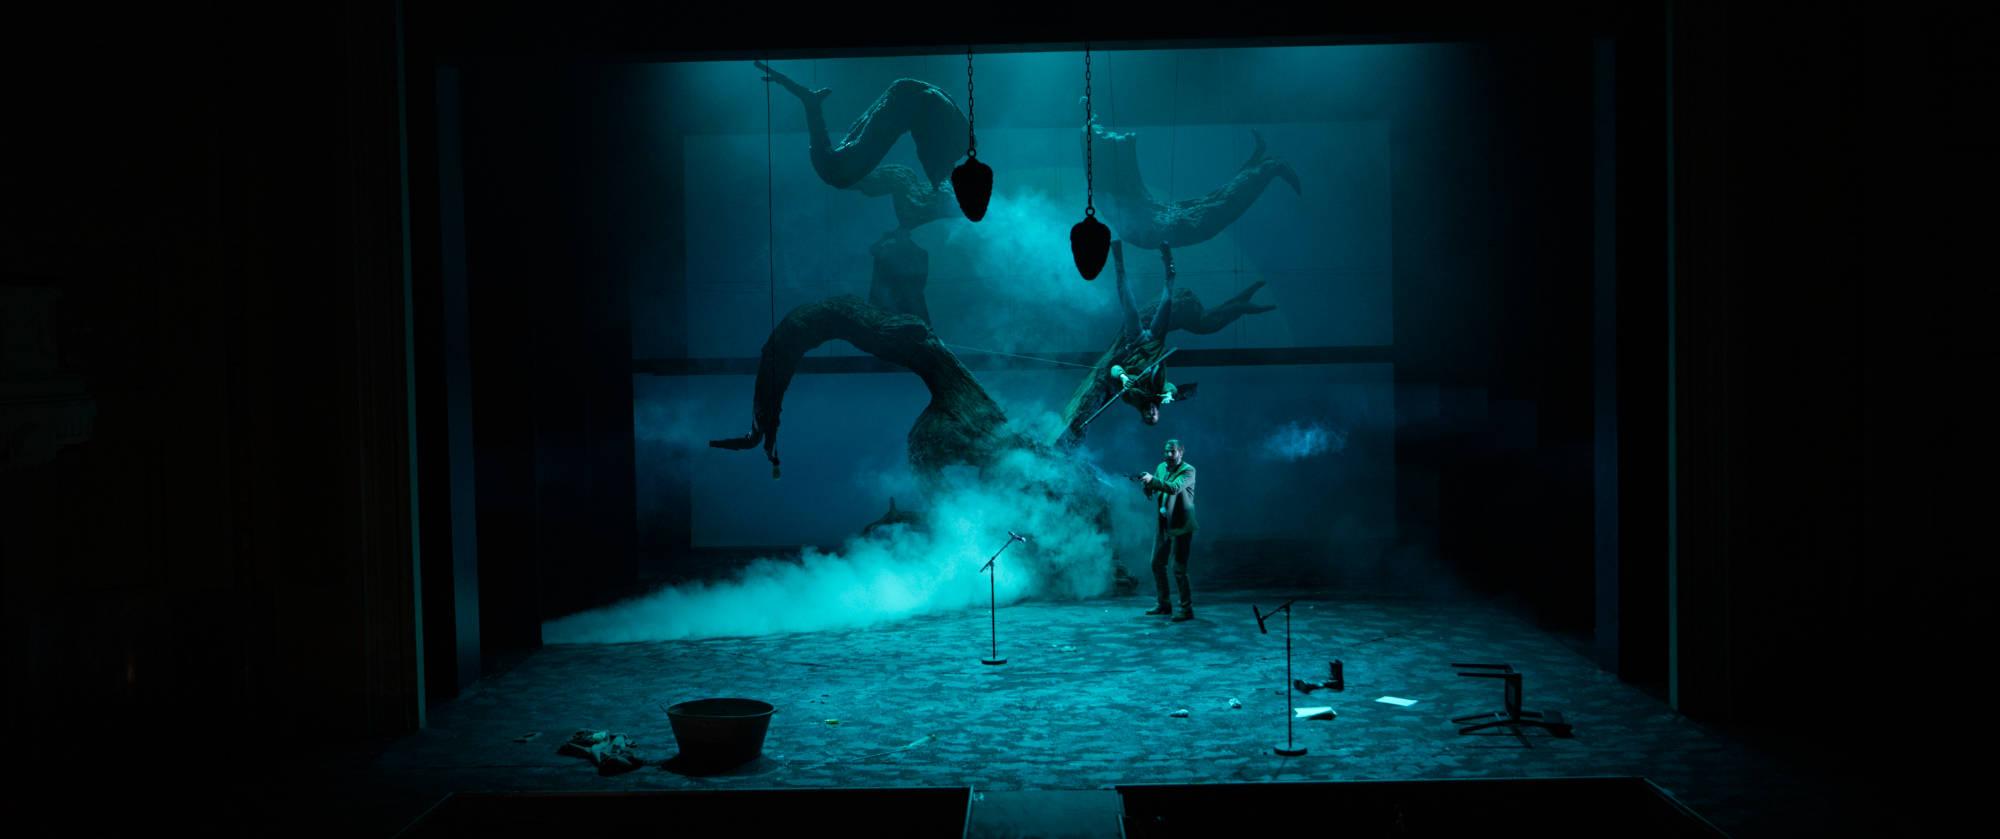 007-BLACK-RIDER-Staatstheater-Cottbus-Regie-und-Buehne-Malte-Kreutzfeldt-2019-photo-c-Marlies-Kross-2019